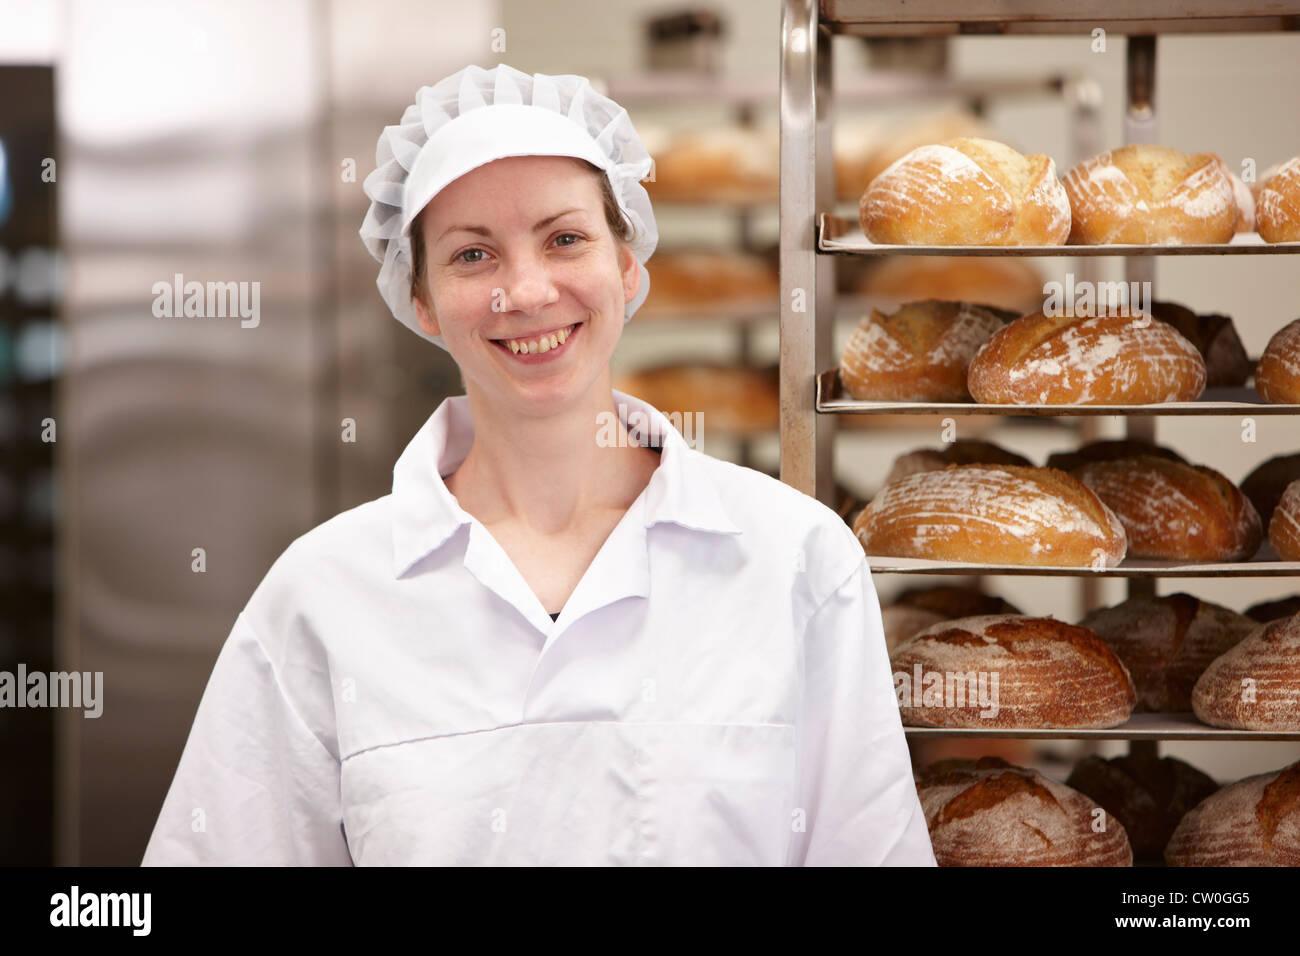 Koch in Küche stand lächelnd Stockbild